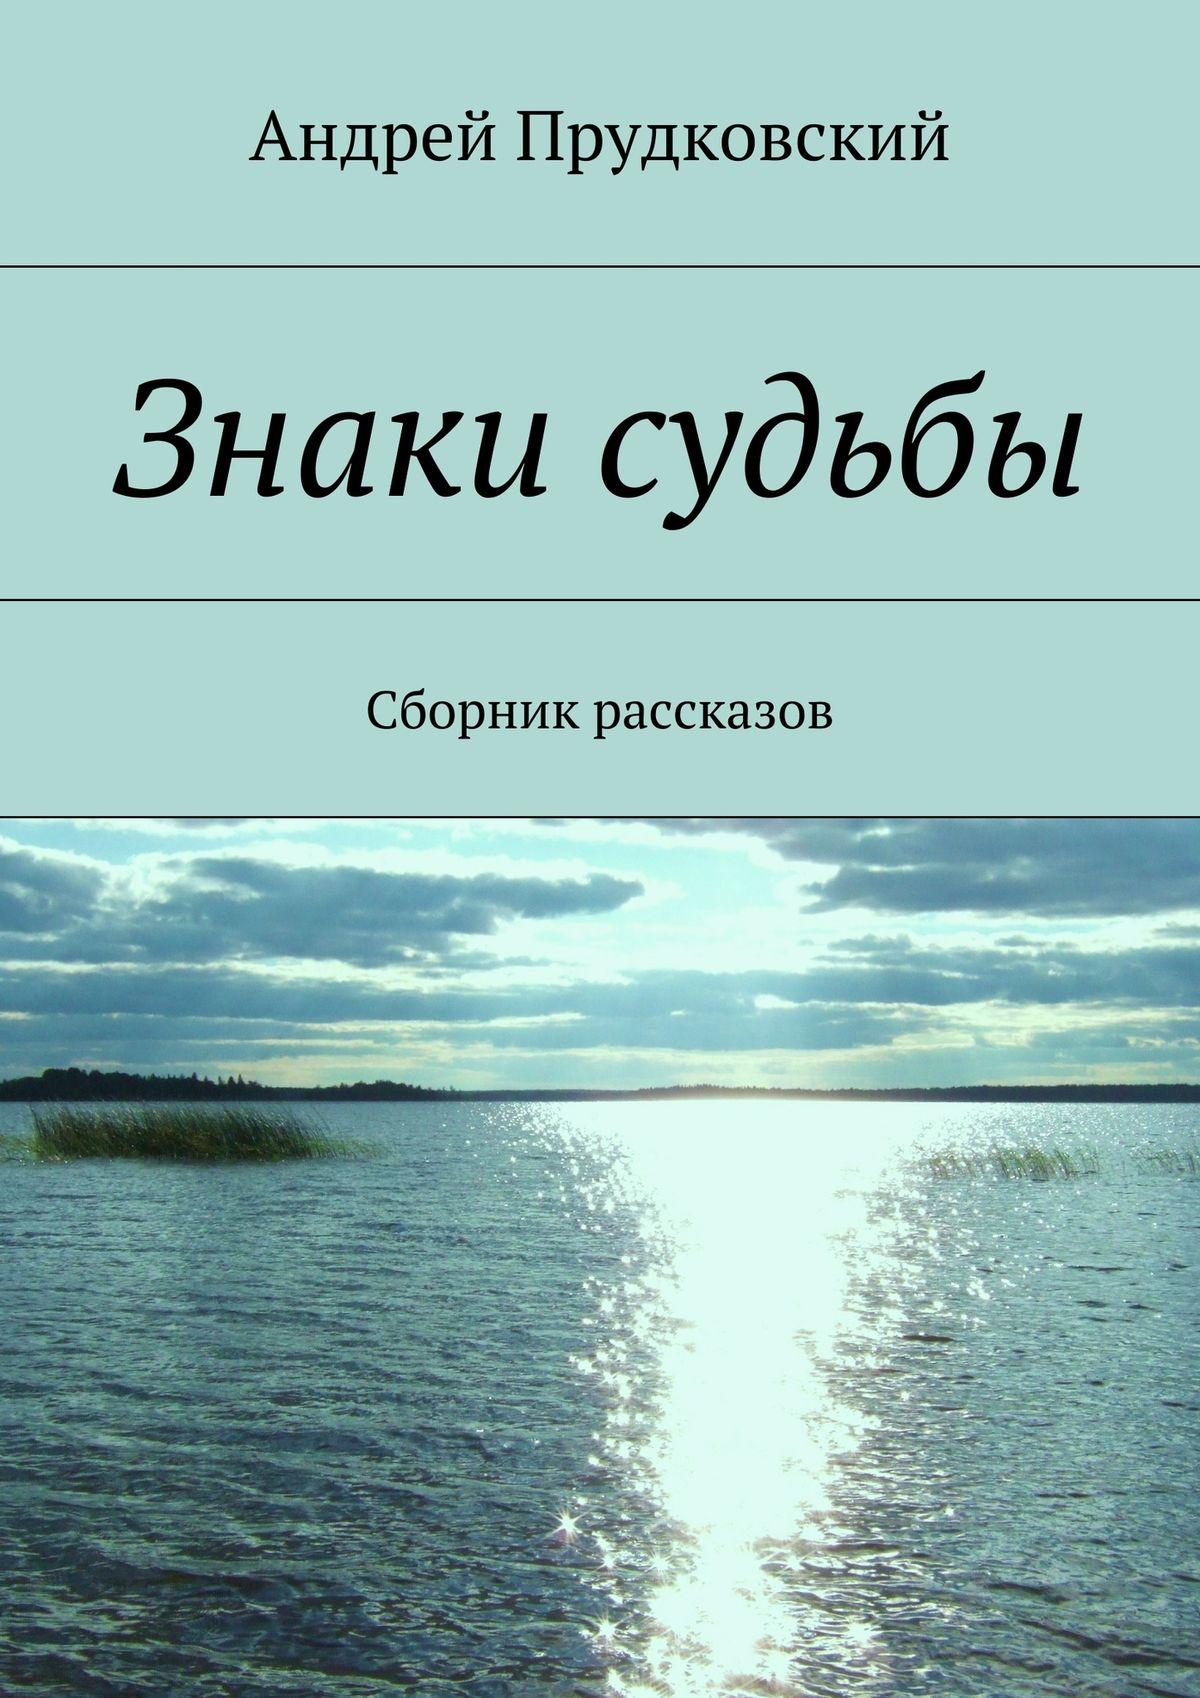 Андрей Прудковский Знаки судьбы. Сборник рассказов чужая ошибка